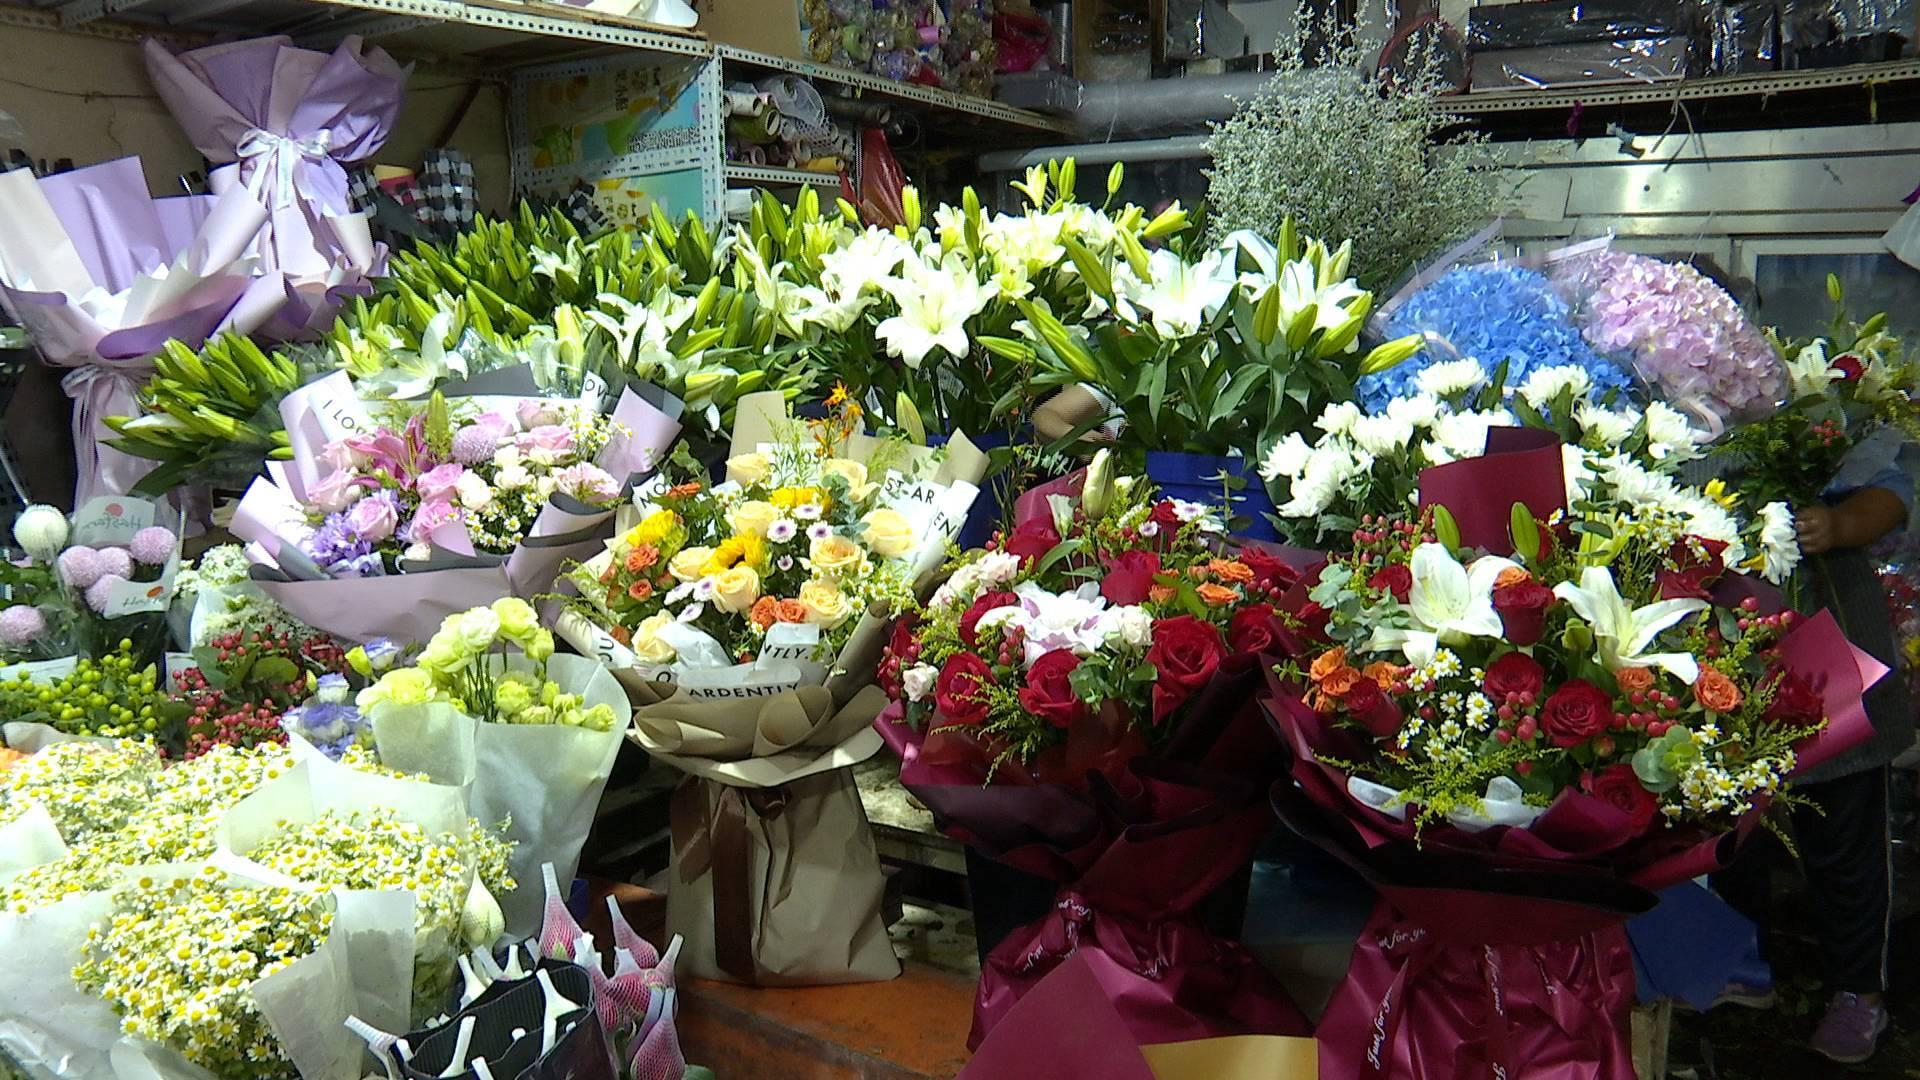 记者探访济南鲜花市场:市民争相采购 价格比往年稳定